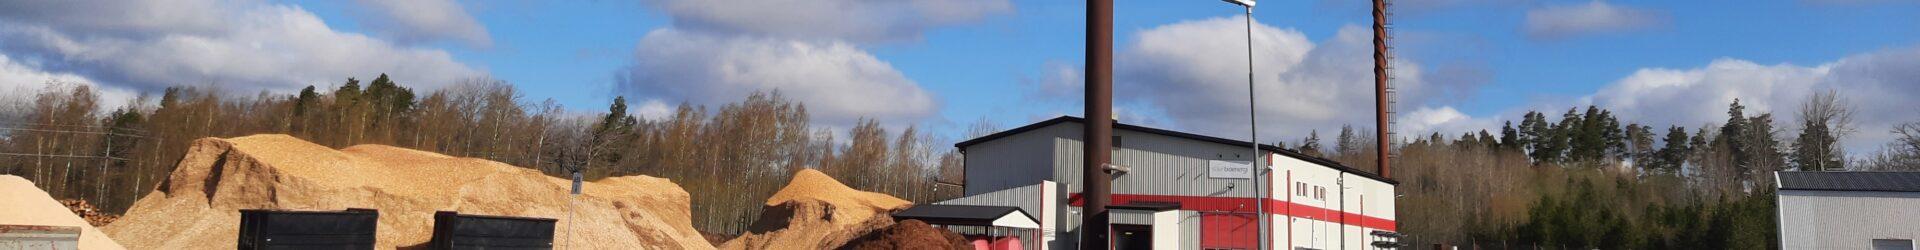 Femte ORC-turbinen till Solör Bioenergis värmeverk